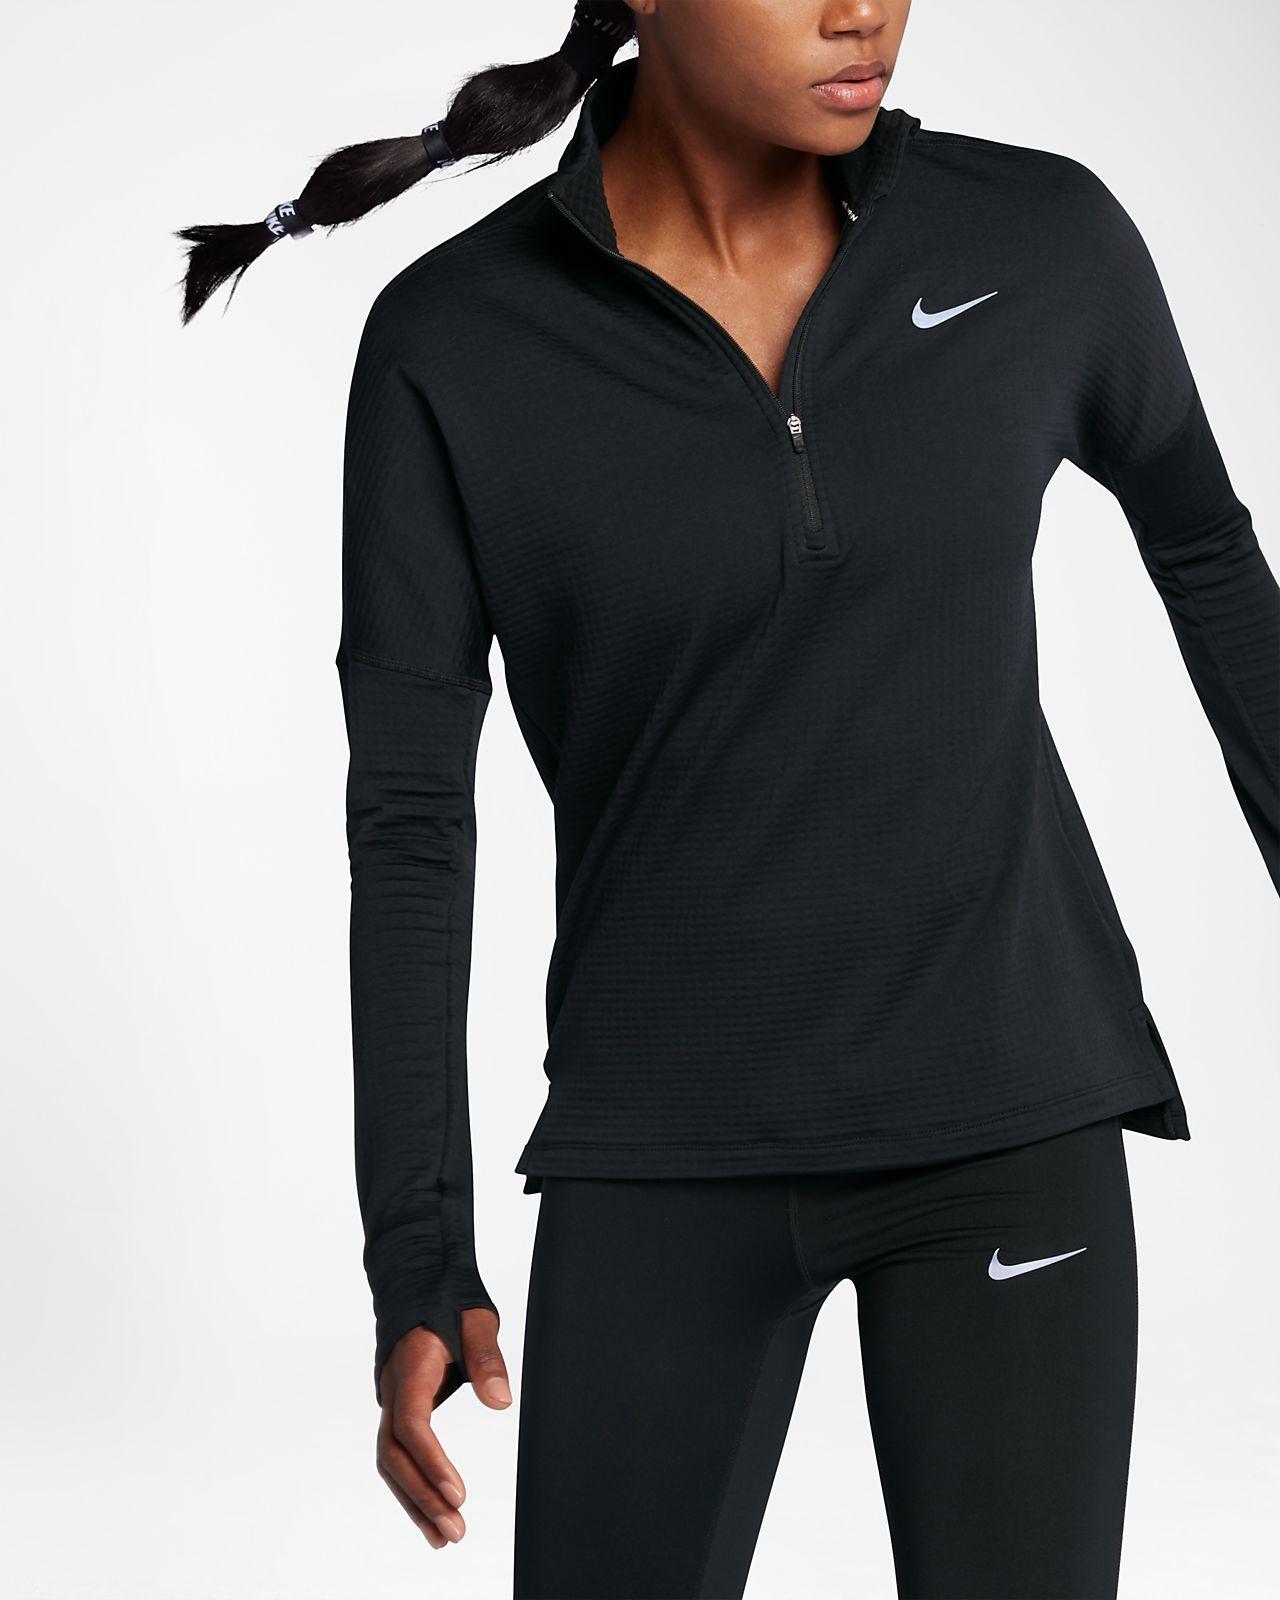 Haut de running à manches longues demi-zippé Nike Therma Sphere Element  pour Femme 5511cd009df1